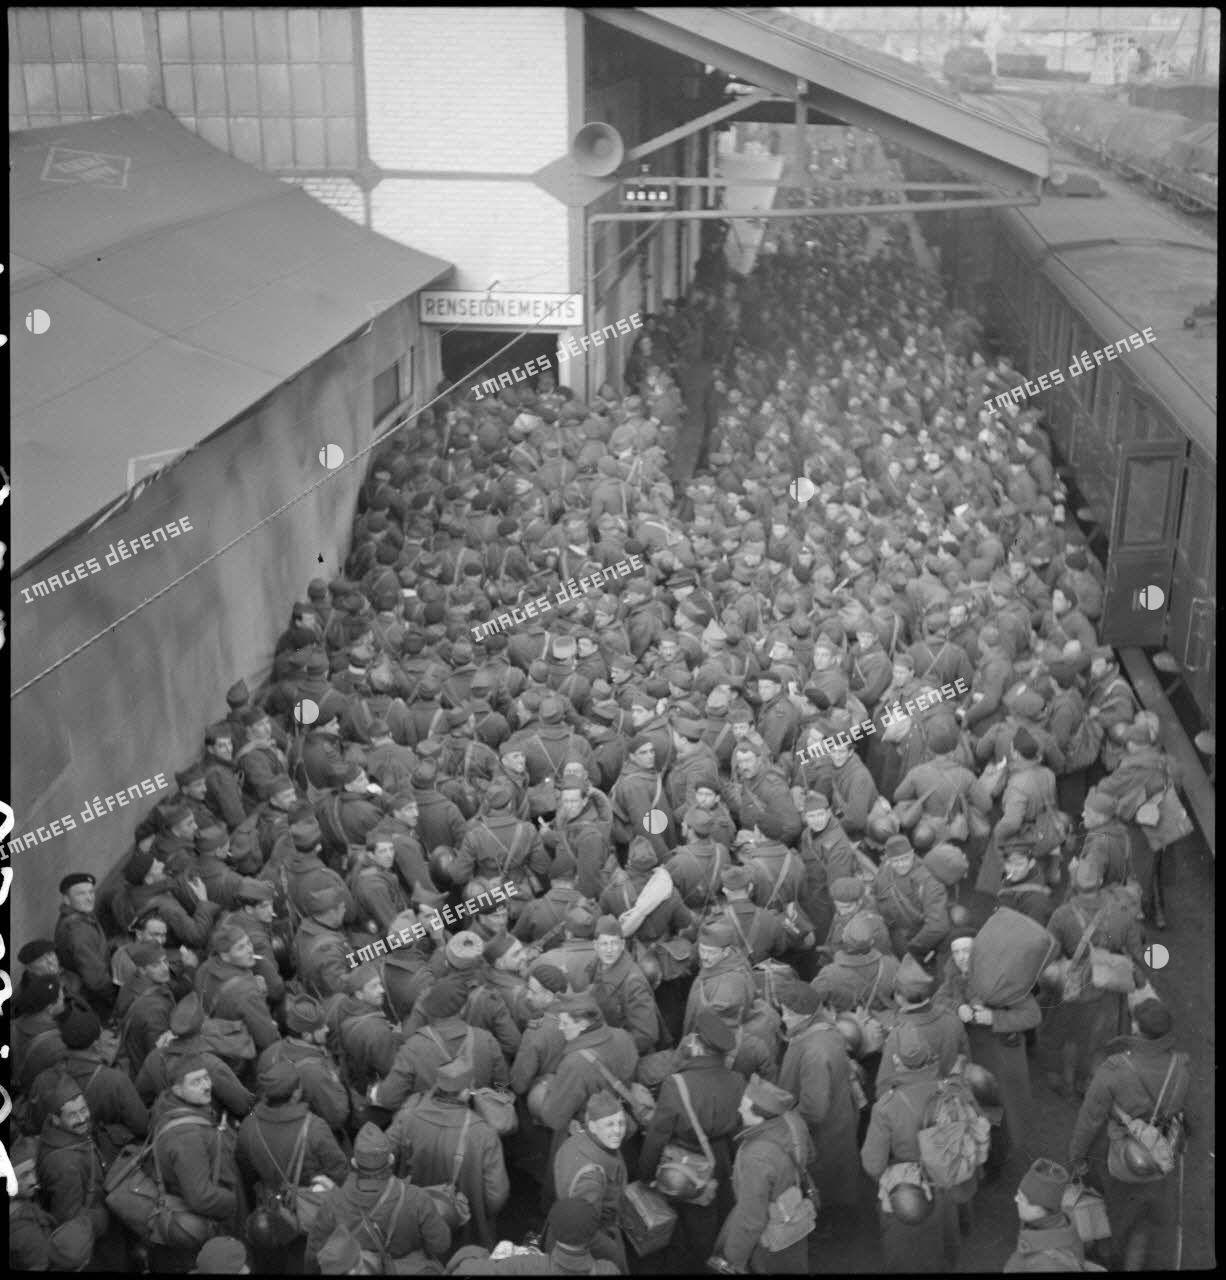 Des permissionnaires, en provenance de la zone des armées, débarquent d'un train à la gare de Massy-Palaiseau.